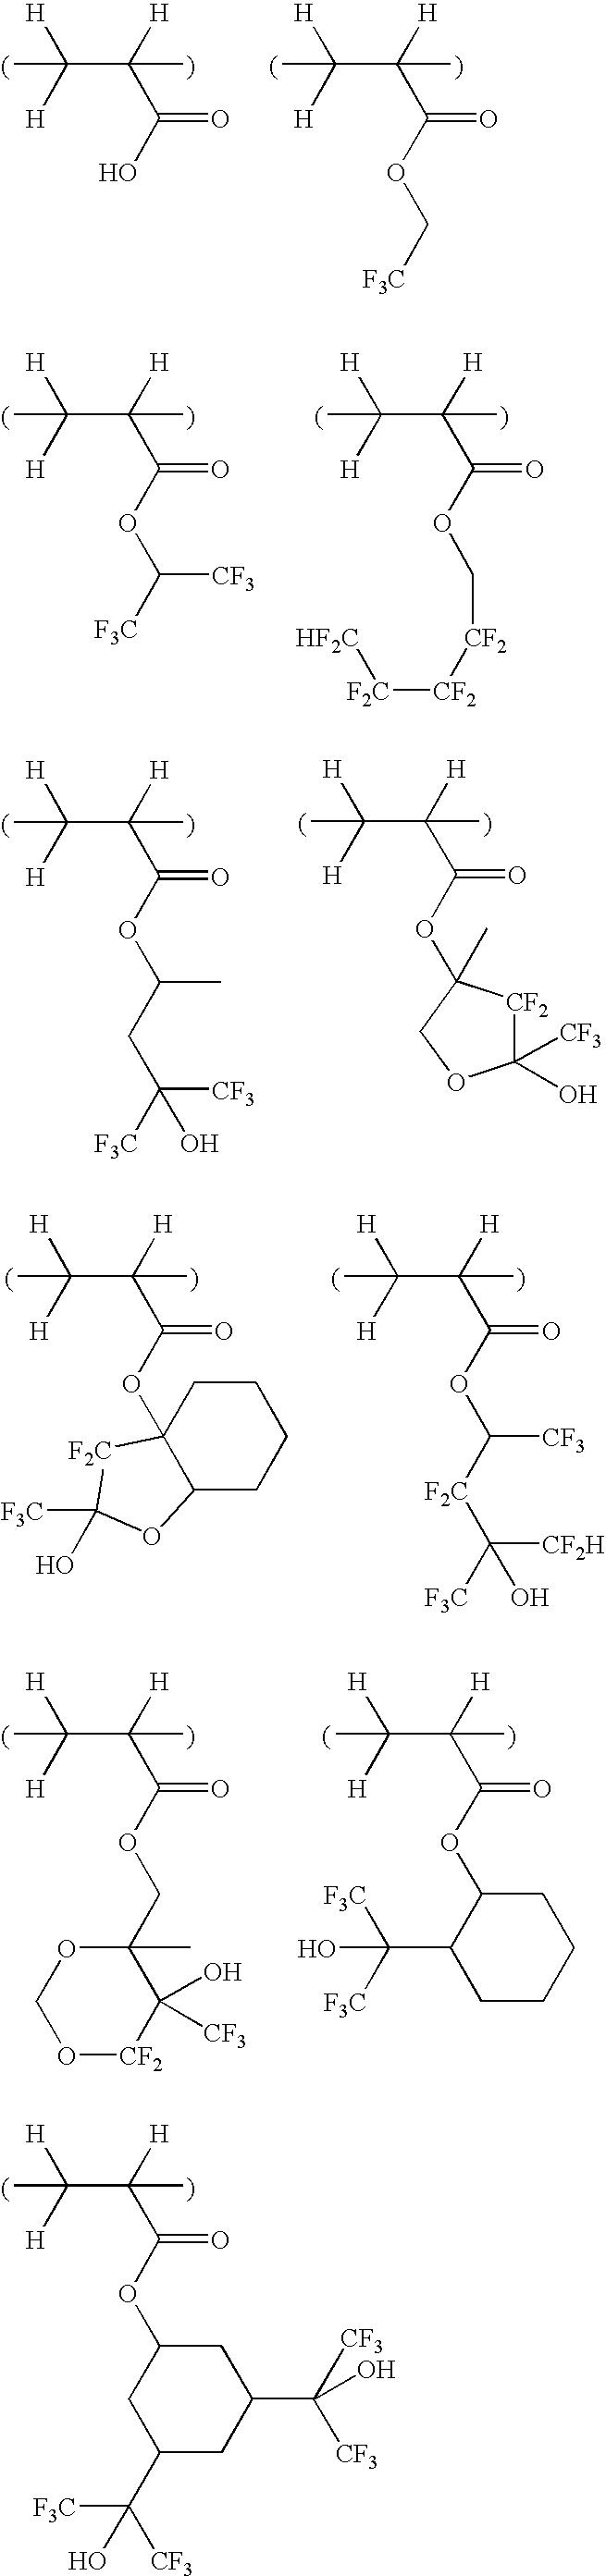 Figure US07569326-20090804-C00043